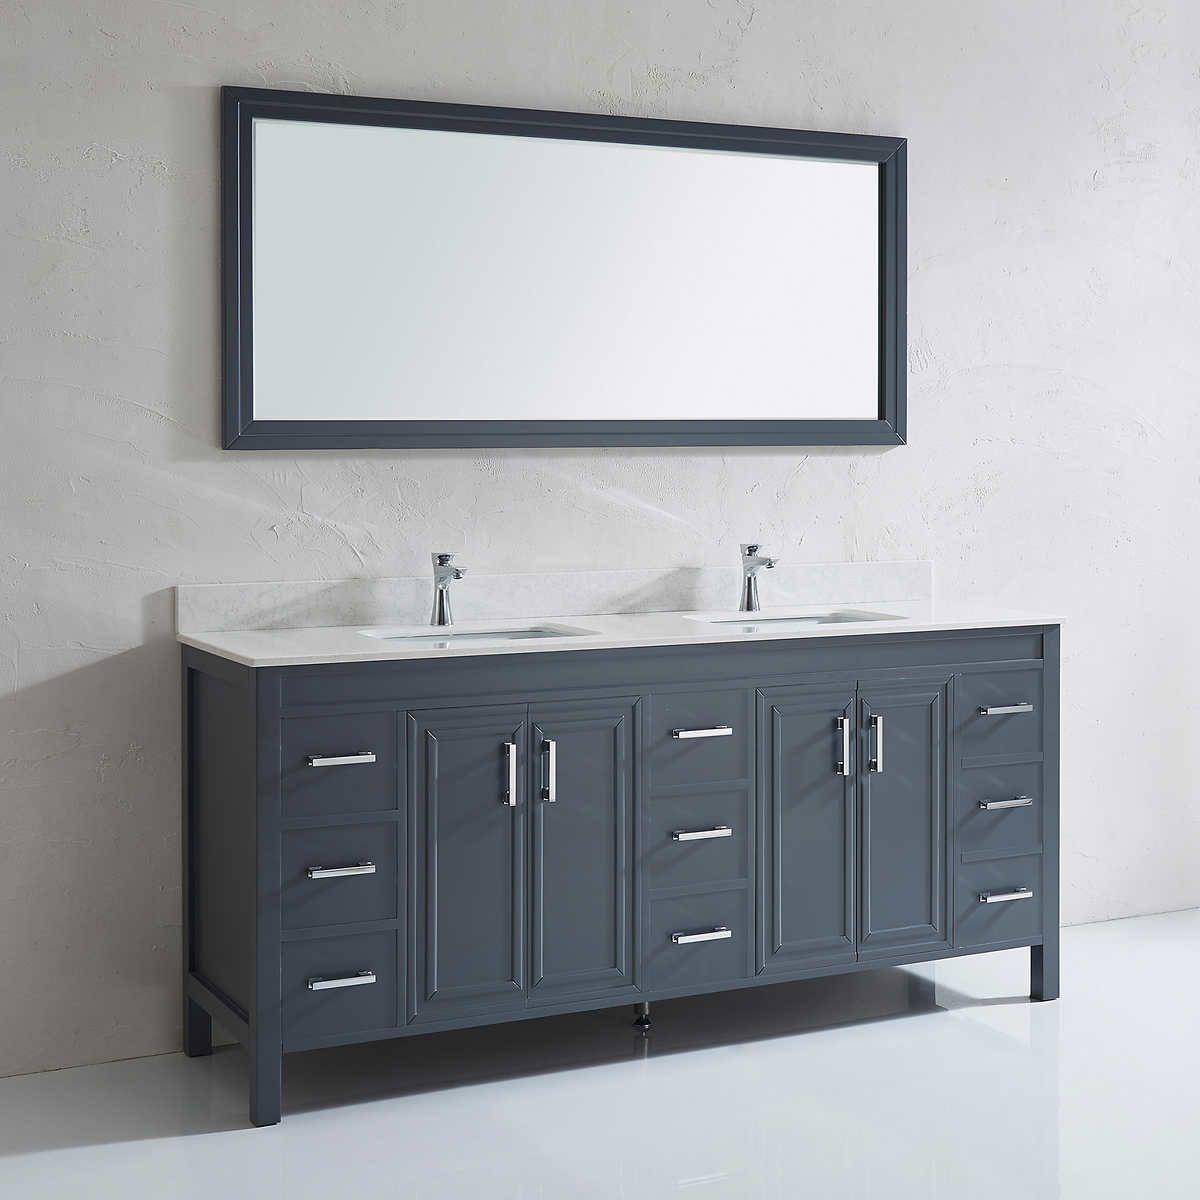 Costco Bathroom Vanities Check More At Http://casahoma.com/costco